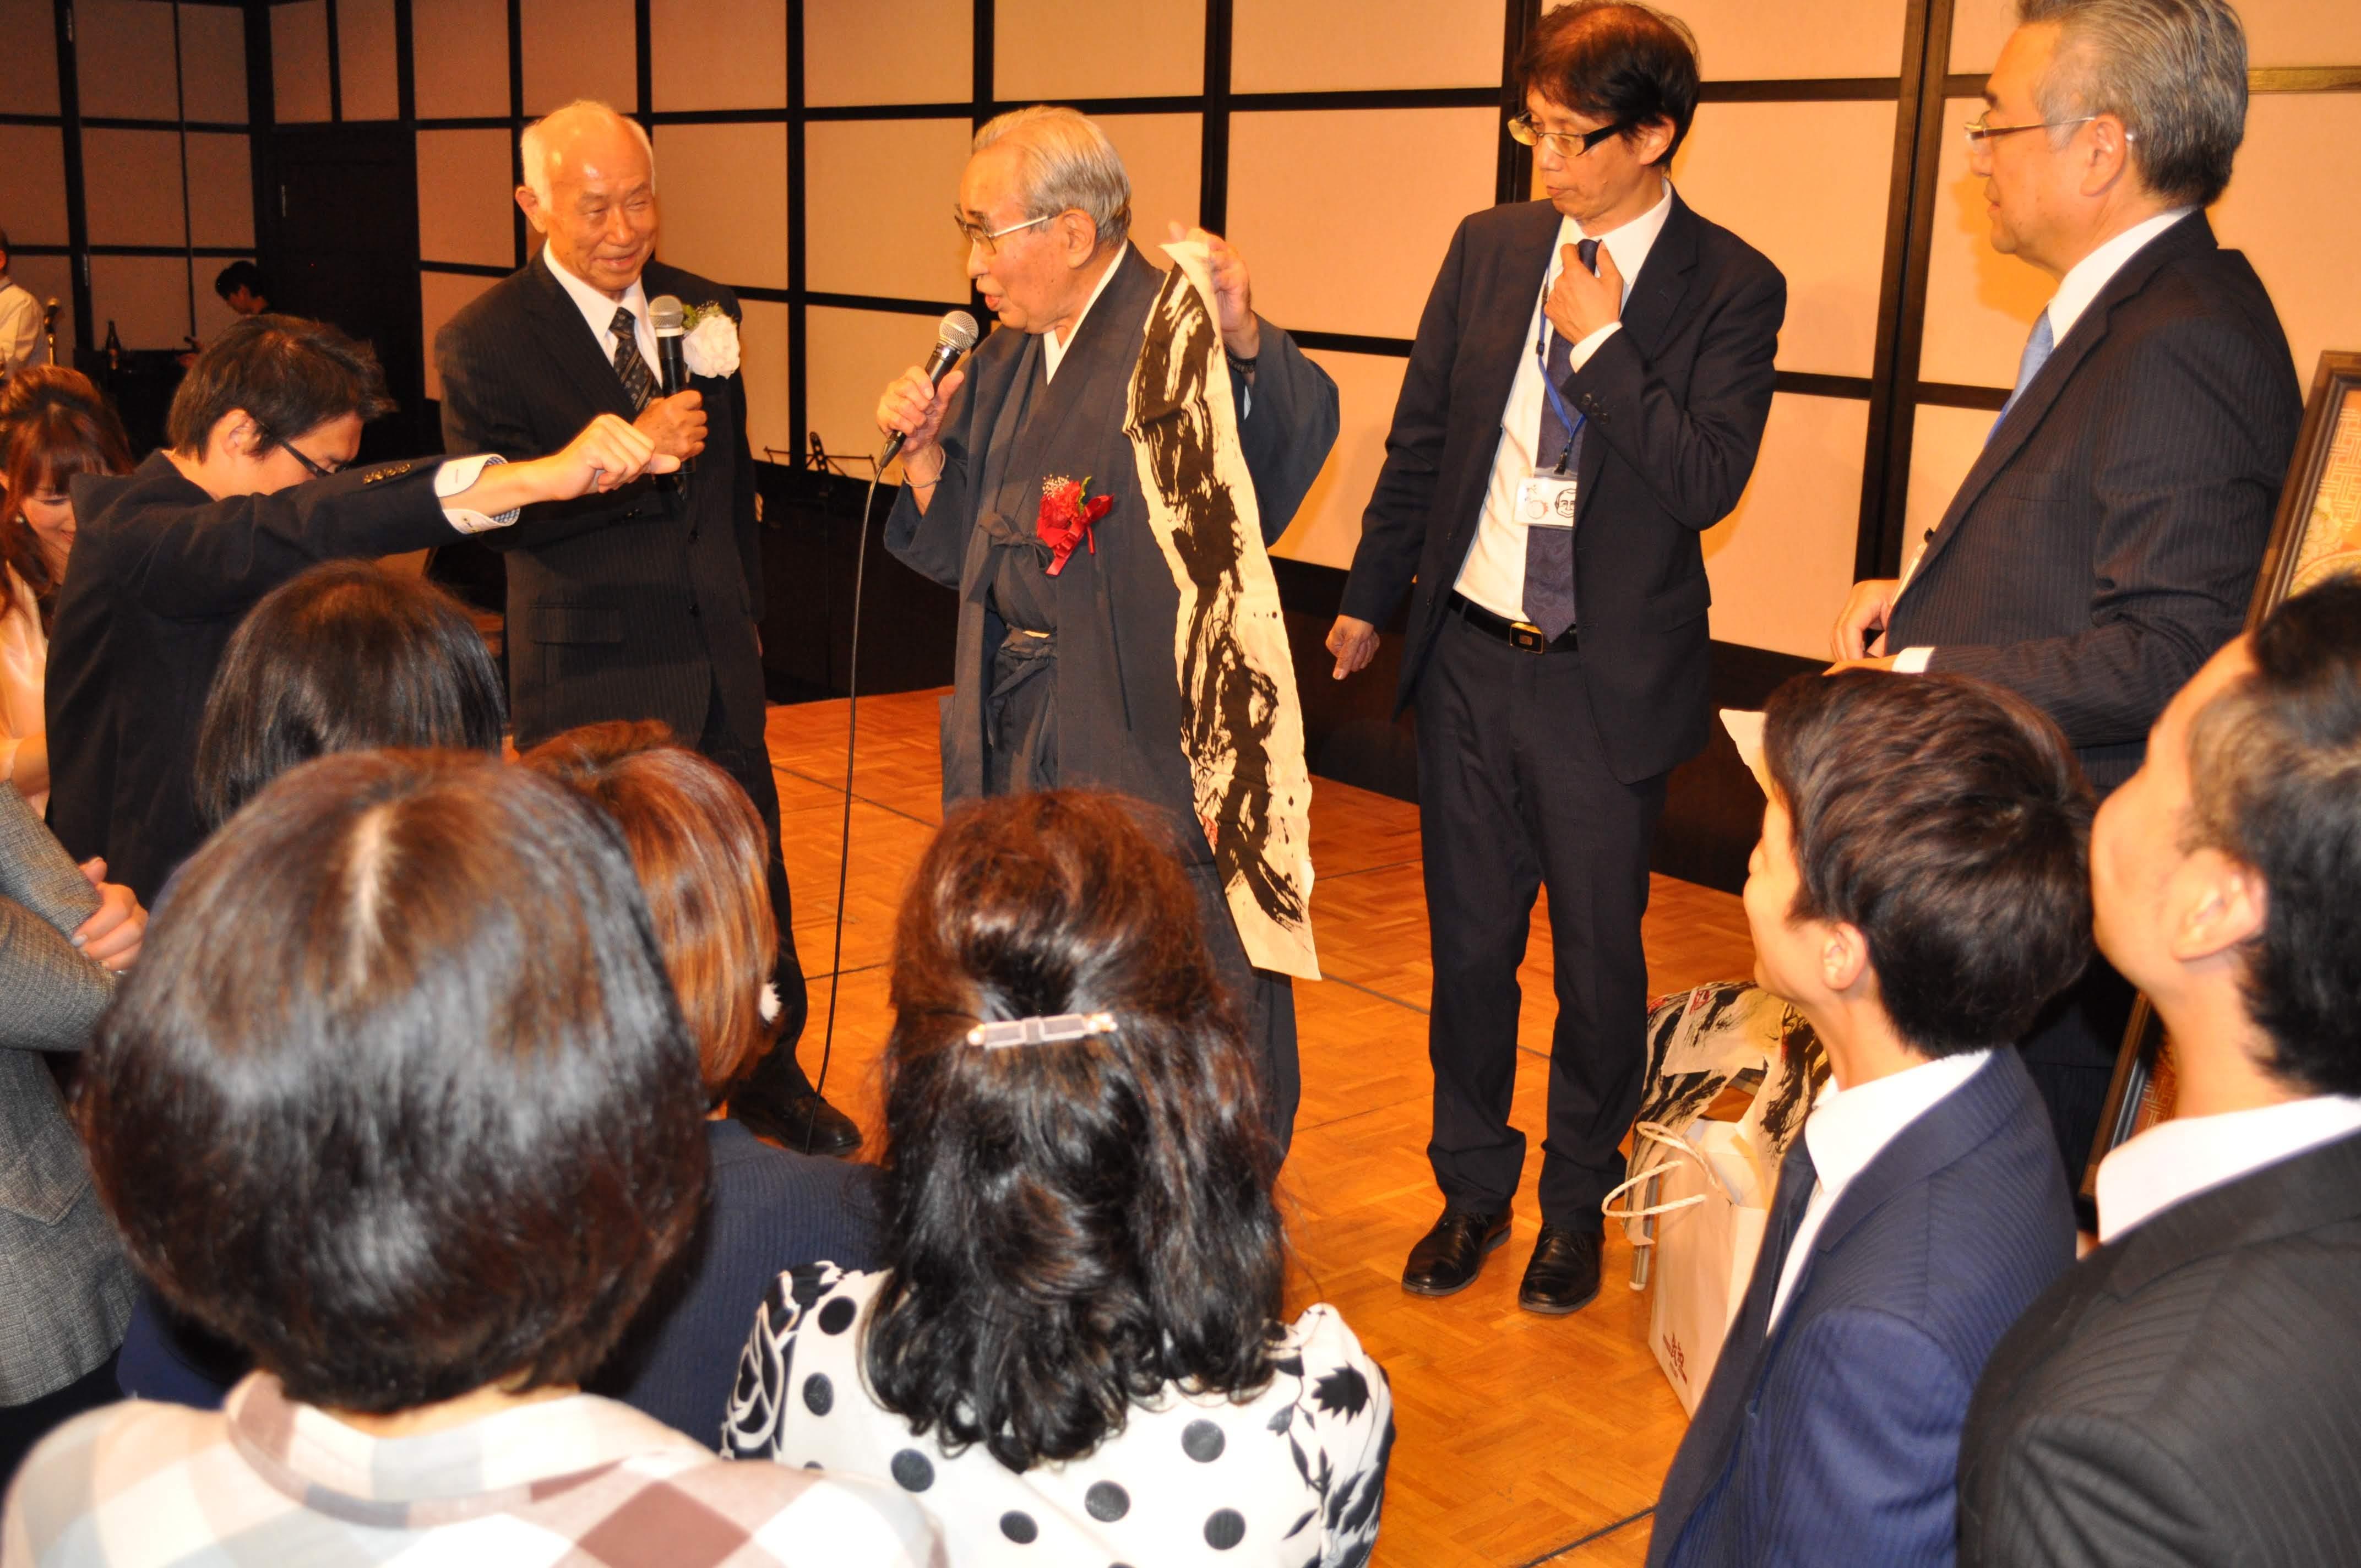 DSC 0576 1 - 思風会全国大会in広島